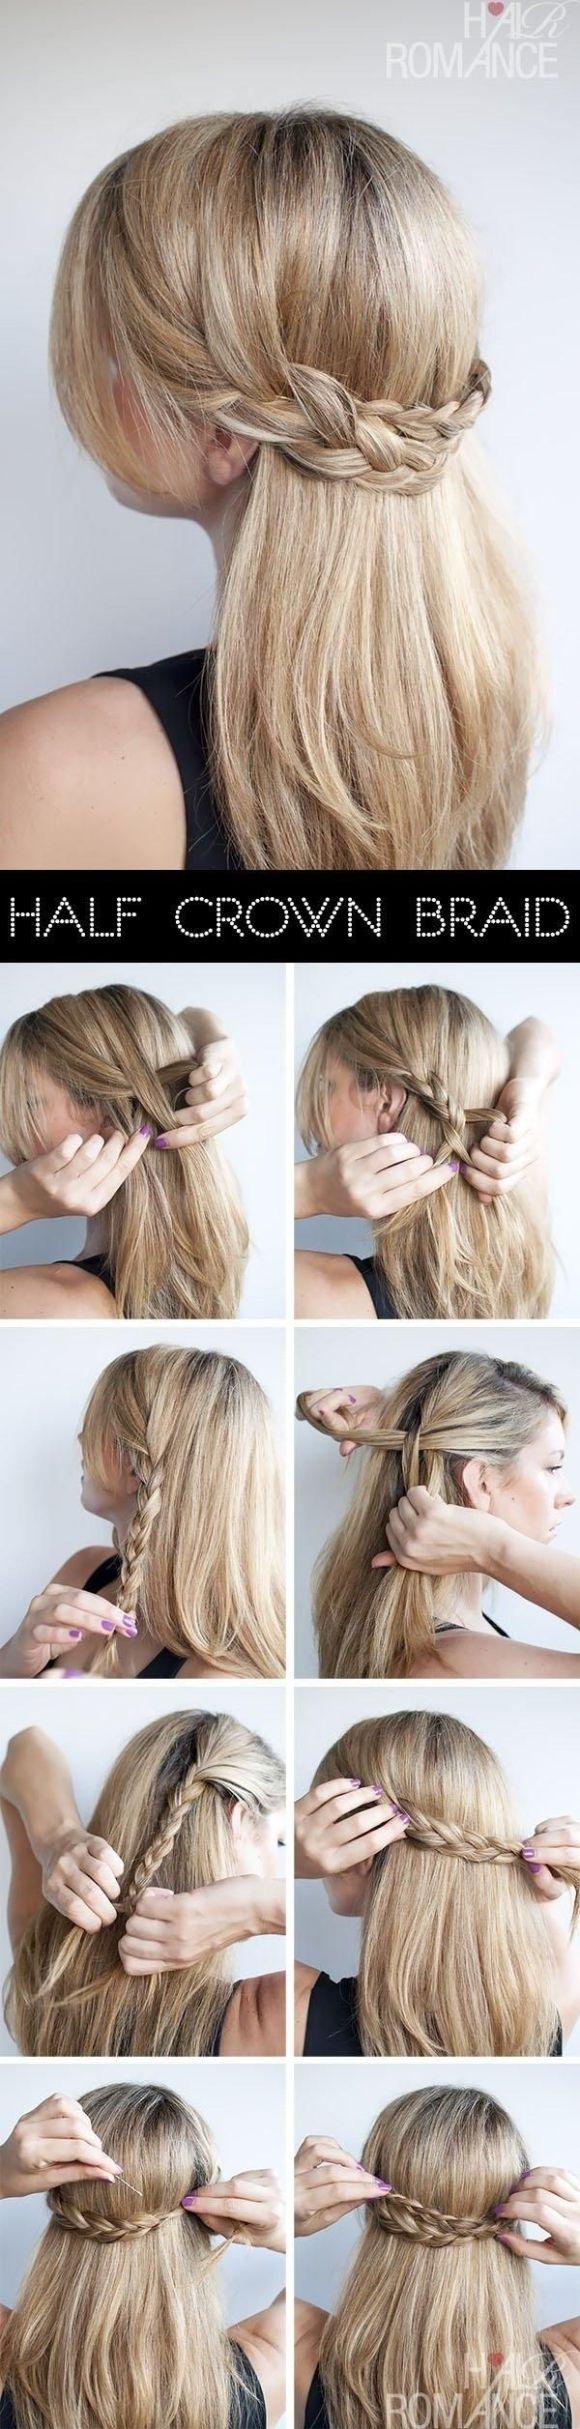 Half-crown braid